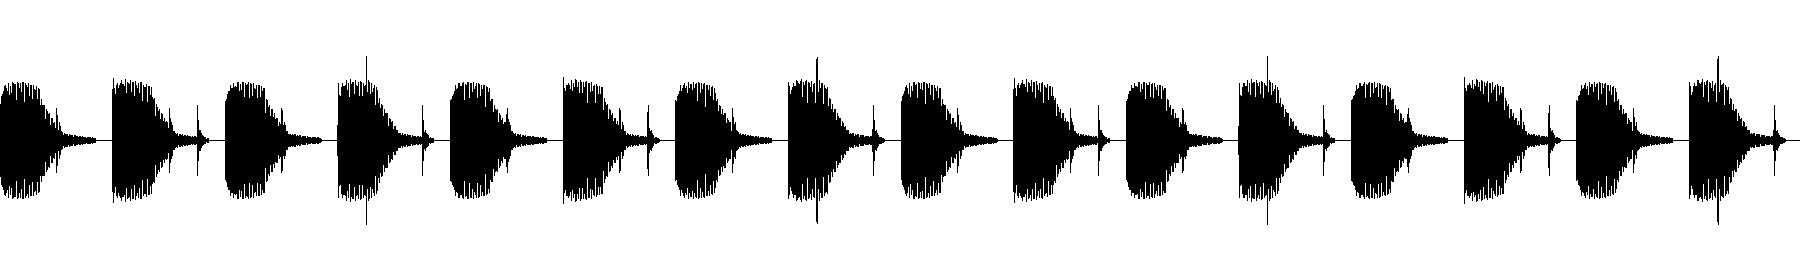 drum 07 123